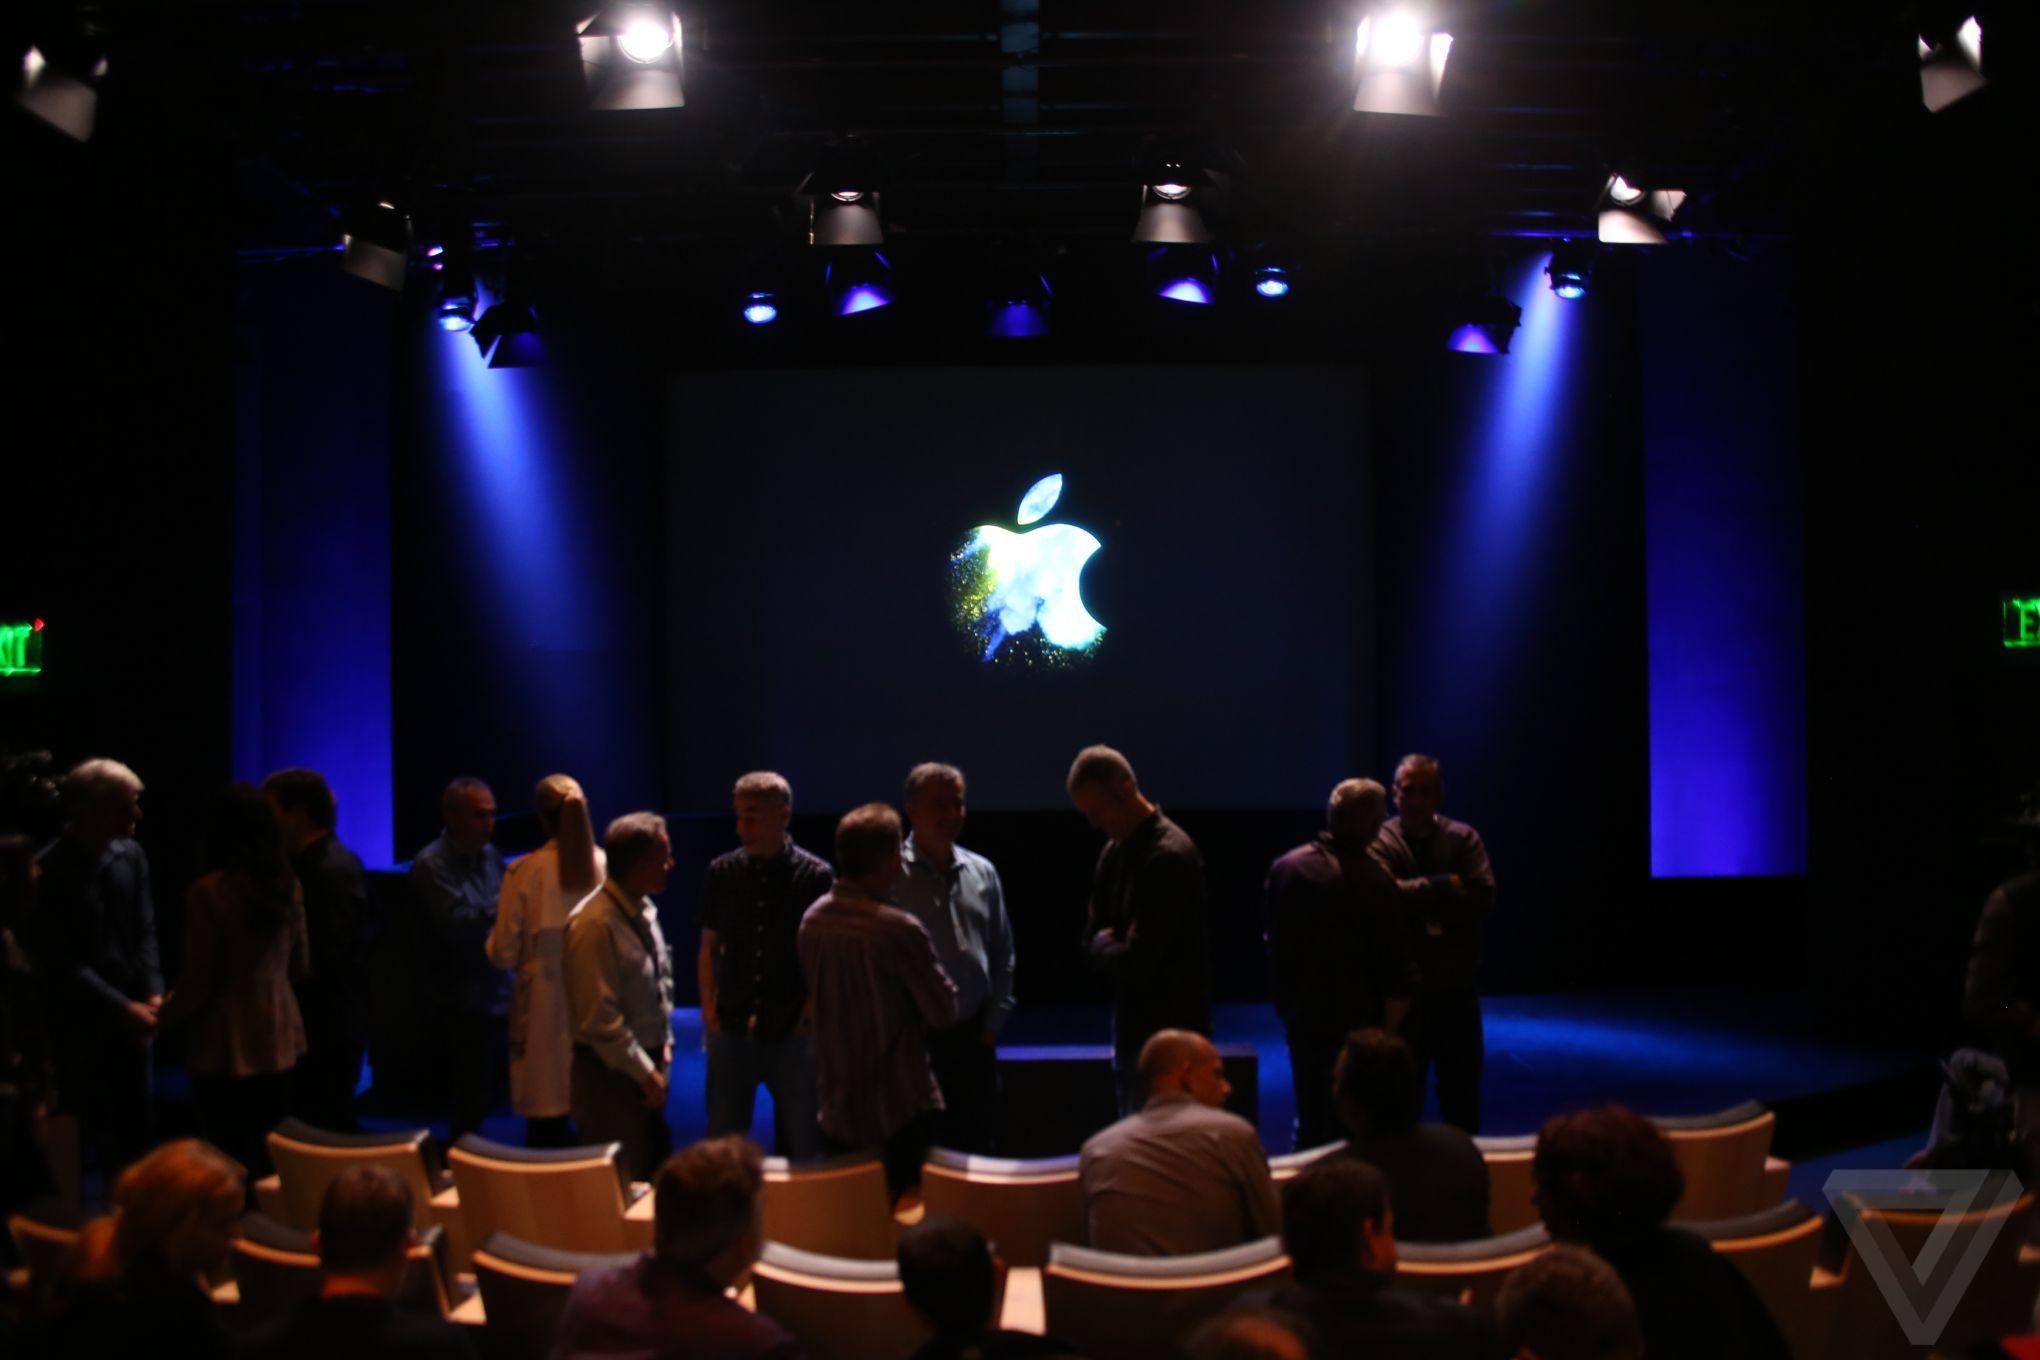 Live keynote d 39 apple les nouveaux macbook pro 2016 for Danse passer sous une barre